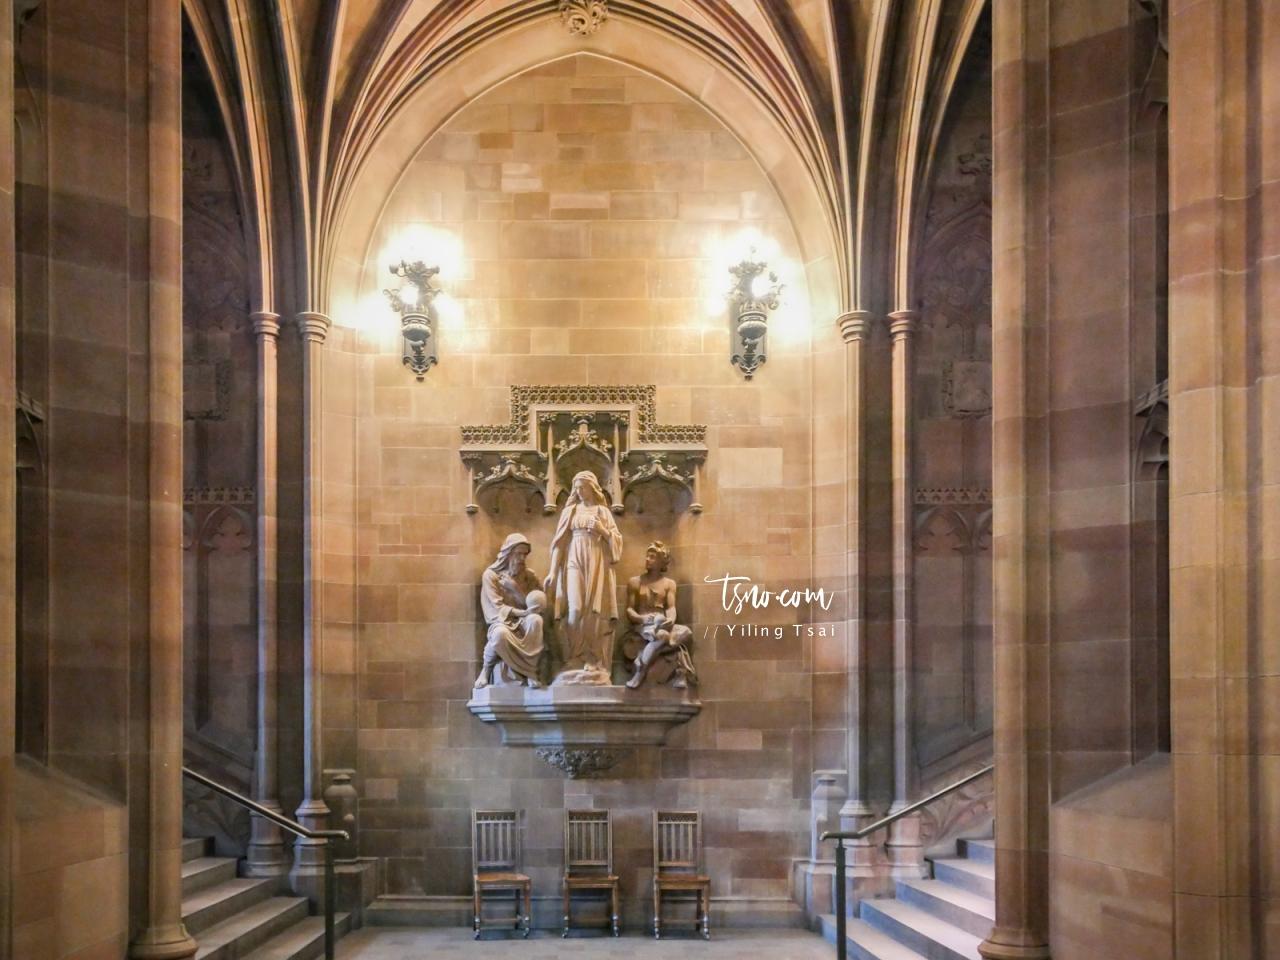 英國曼徹斯特景點 The John Rylands Library 魔法世界圖書館巡禮